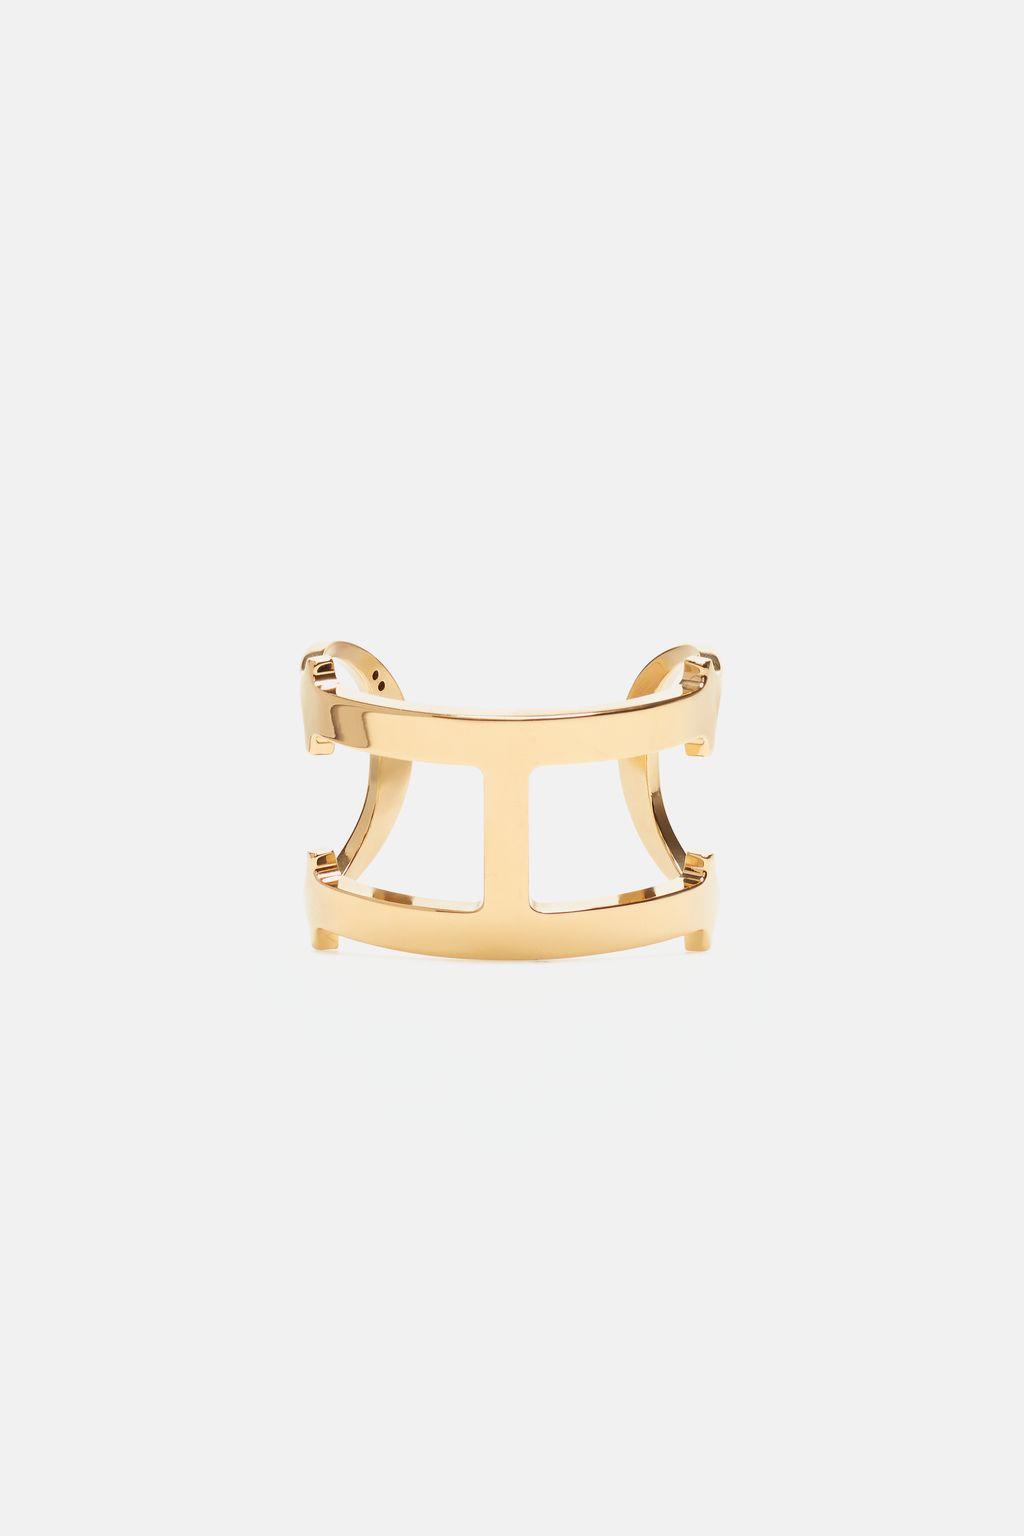 Initials Insignia ring